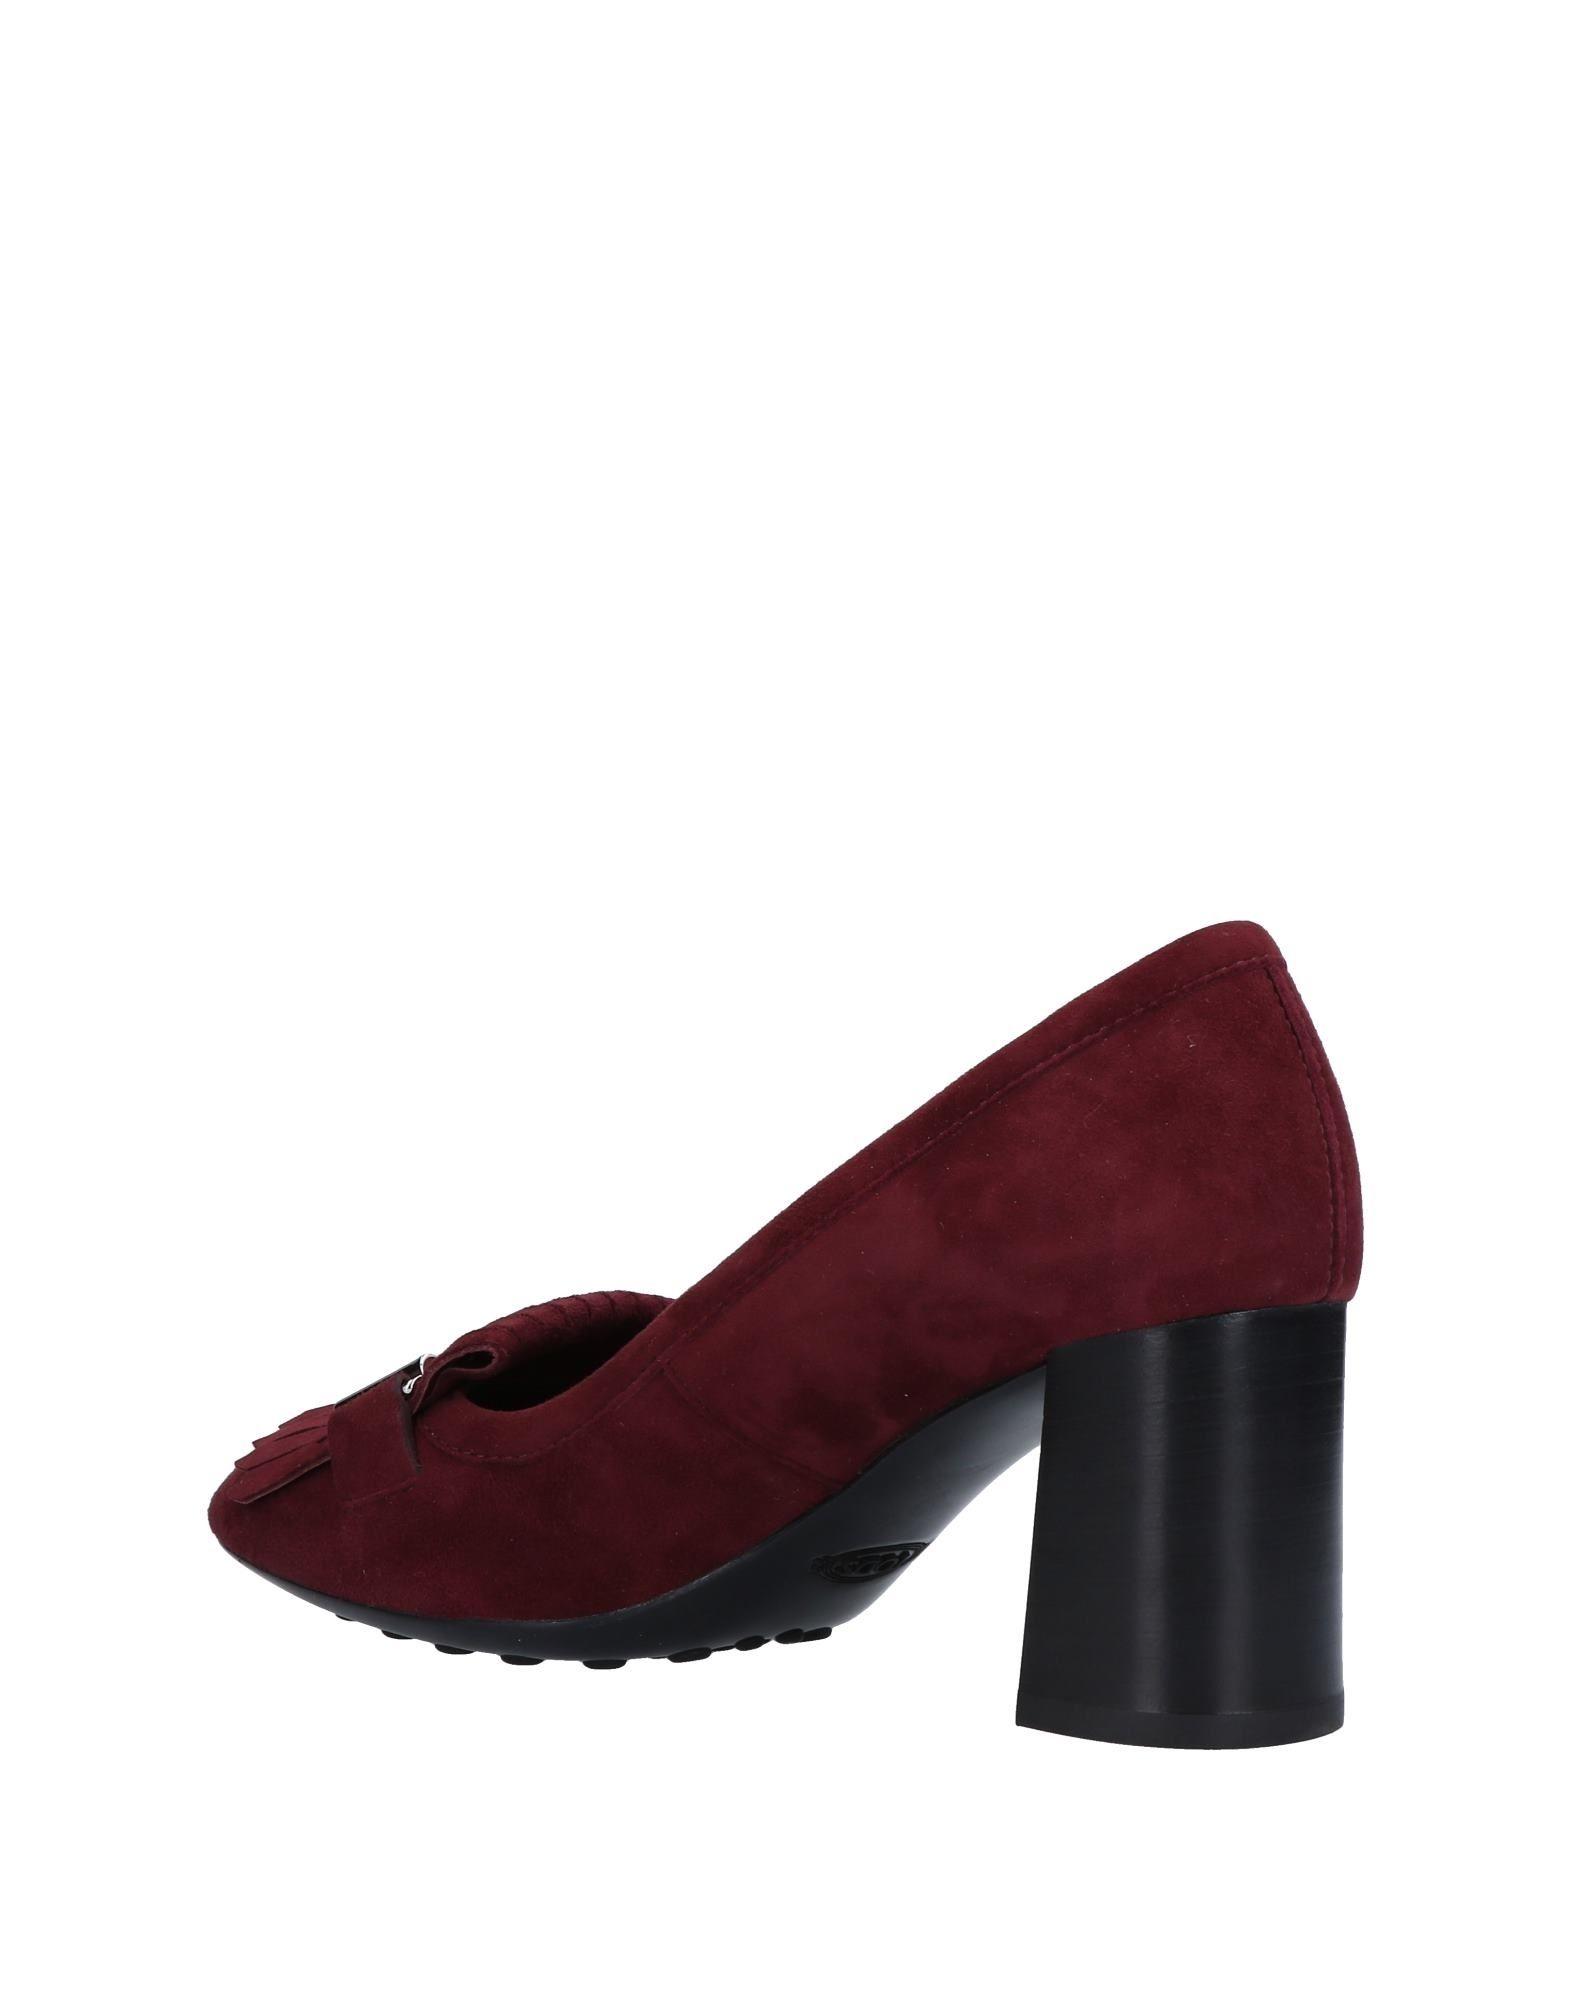 Tod's Mokassins Mokassins Tod's Damen  11505427VI Heiße Schuhe 5d3e8d